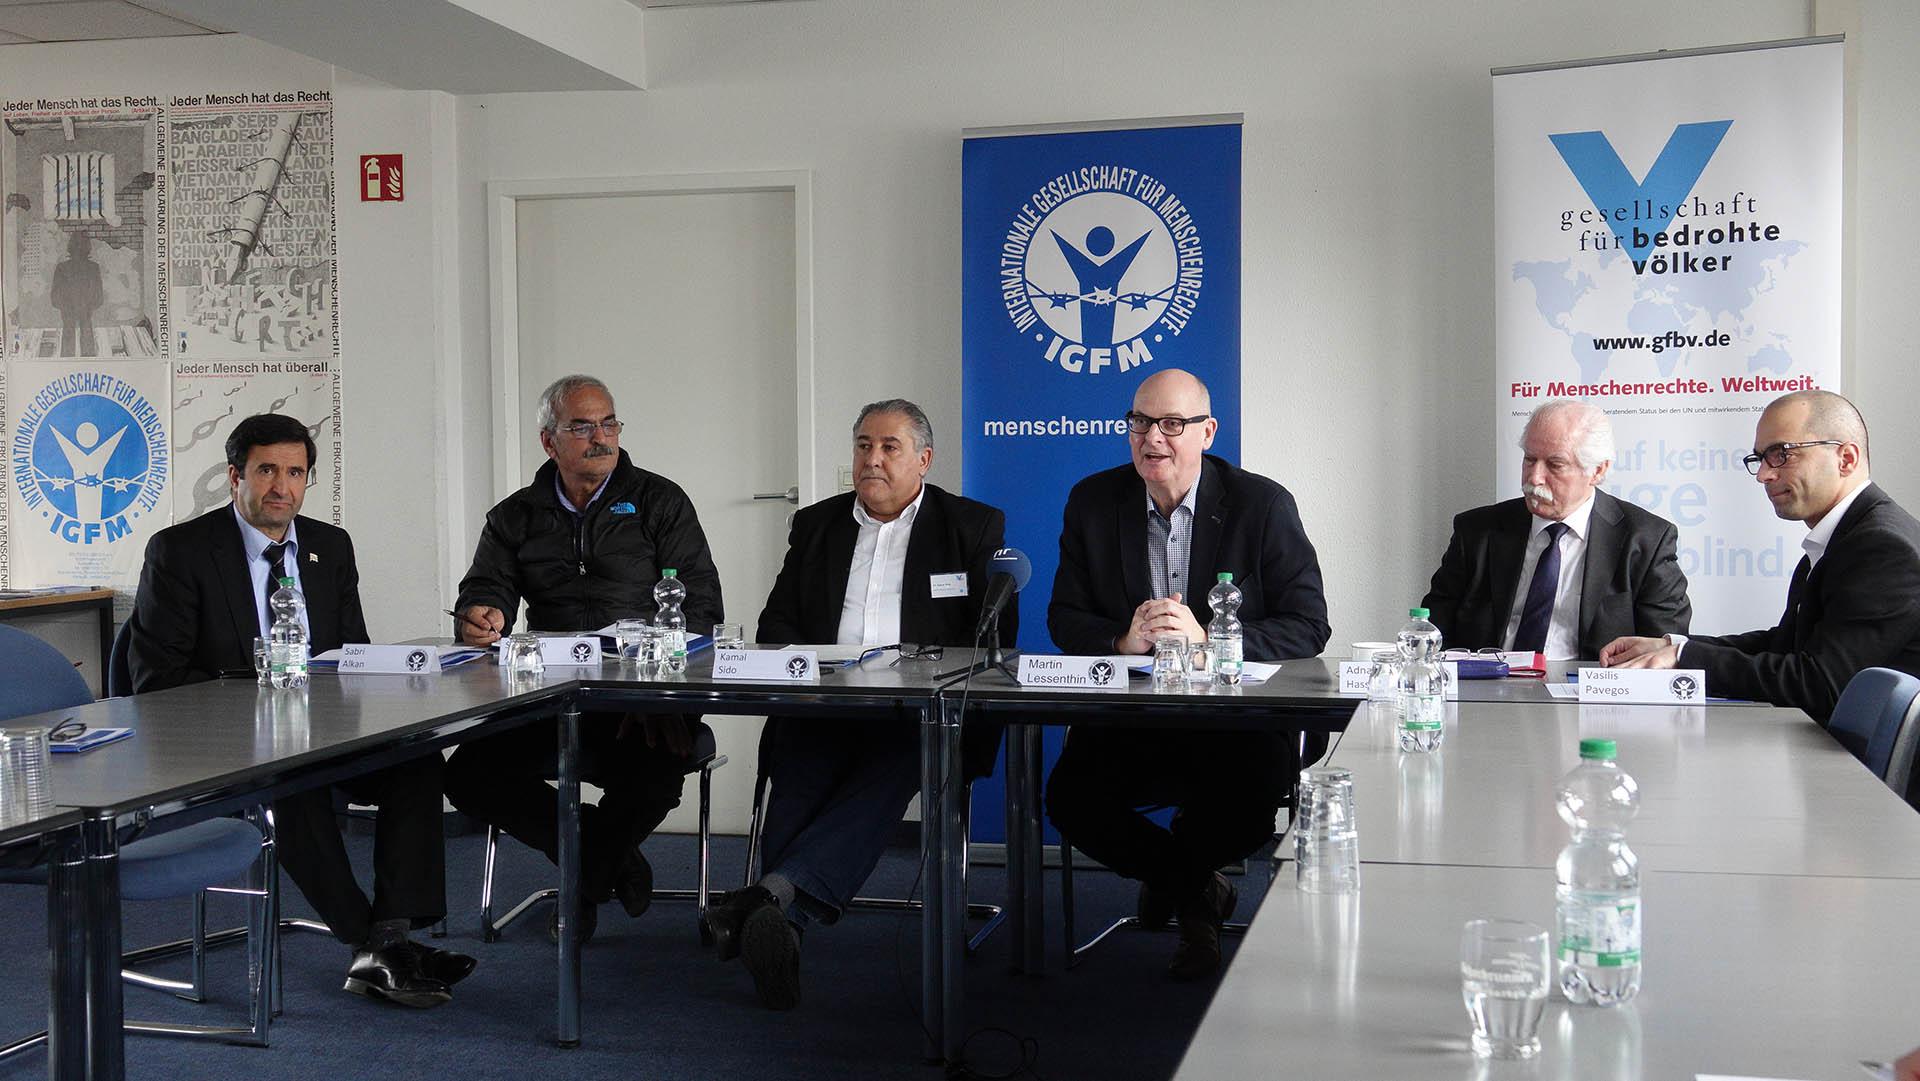 IGFM-Sprecher Martin Lessenthin (Mitte) verurteilte mit mehreren Vertretern anderer Menschenrechtsorganisationen den Angriff türkischer Soldaten auf die syrische Region Afrin